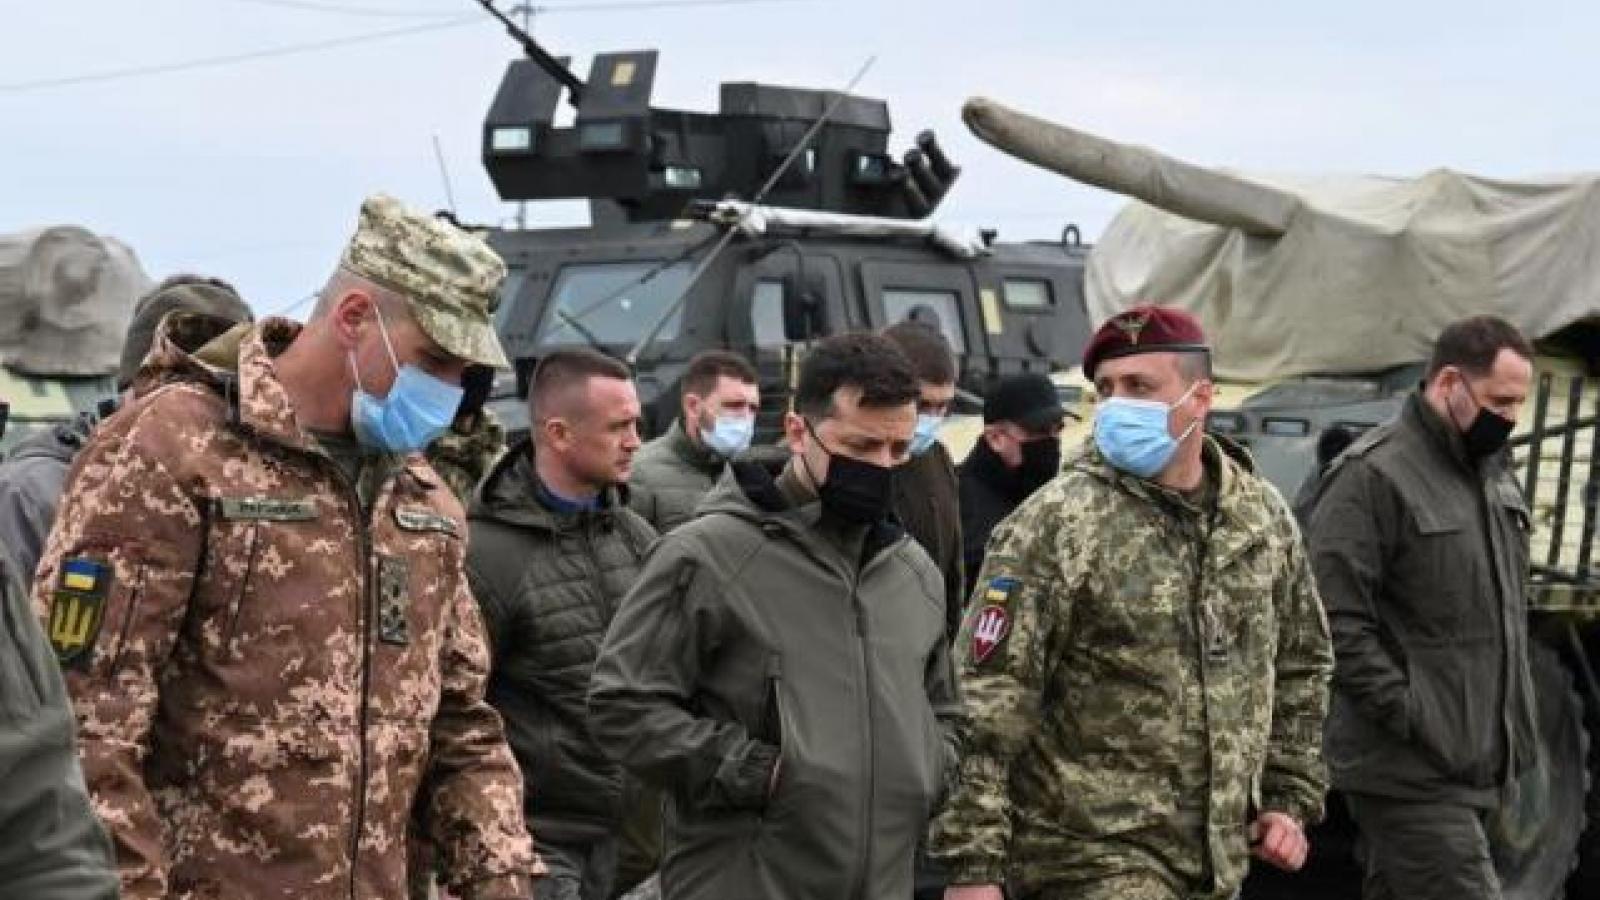 Tổng thống Ukraine chỉ đạo quân đội sẵn sàng trước căng thẳng với Nga